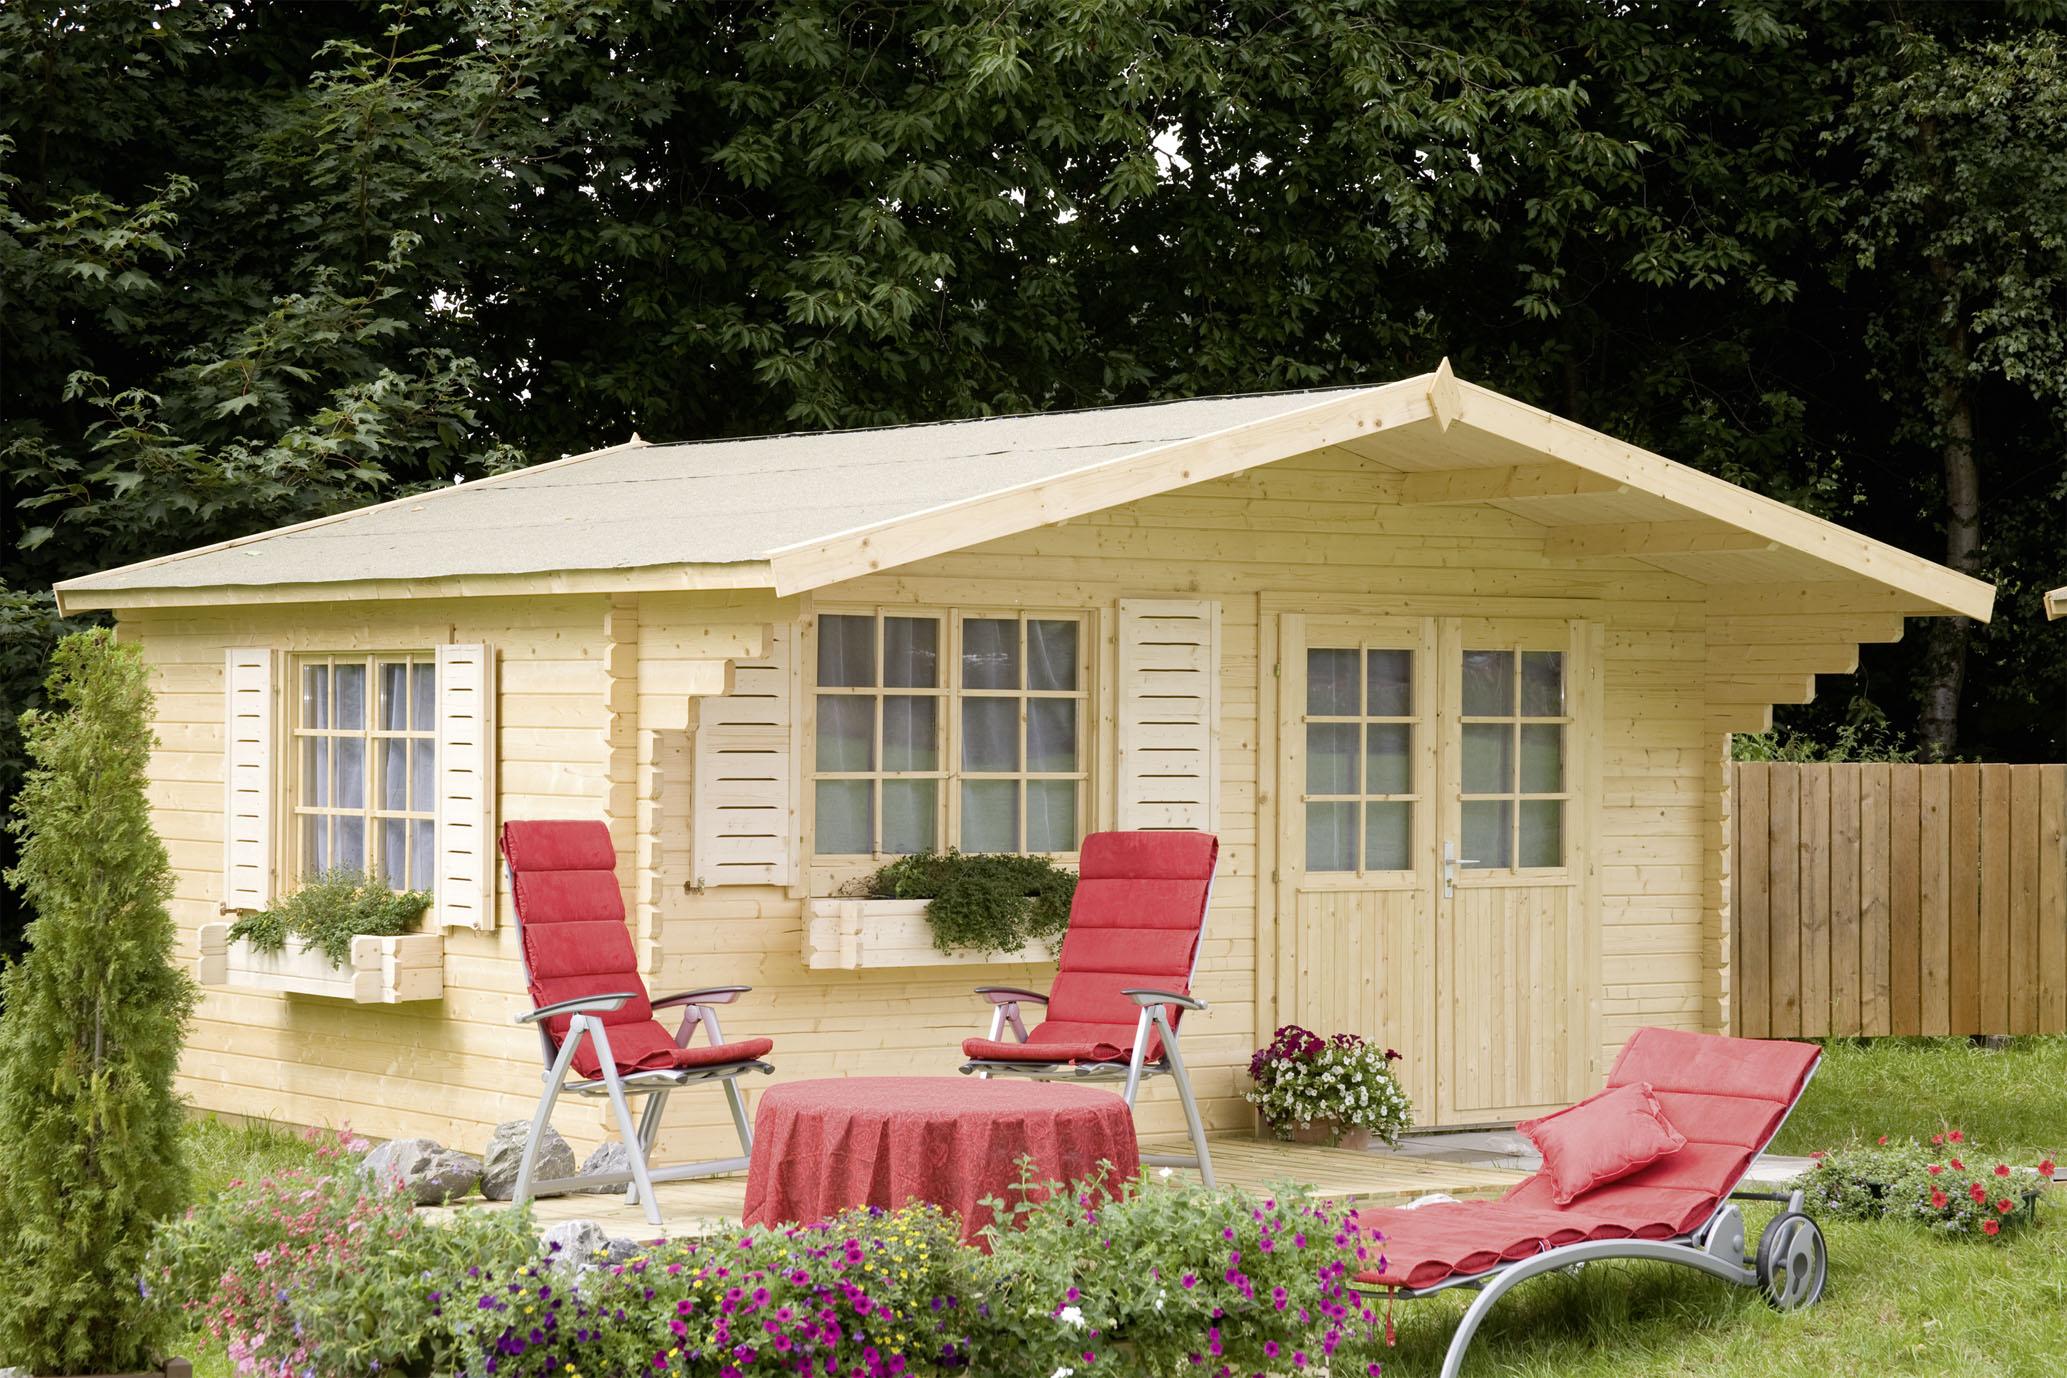 sonstiges f r den garten kleinanzeigen seite 13. Black Bedroom Furniture Sets. Home Design Ideas